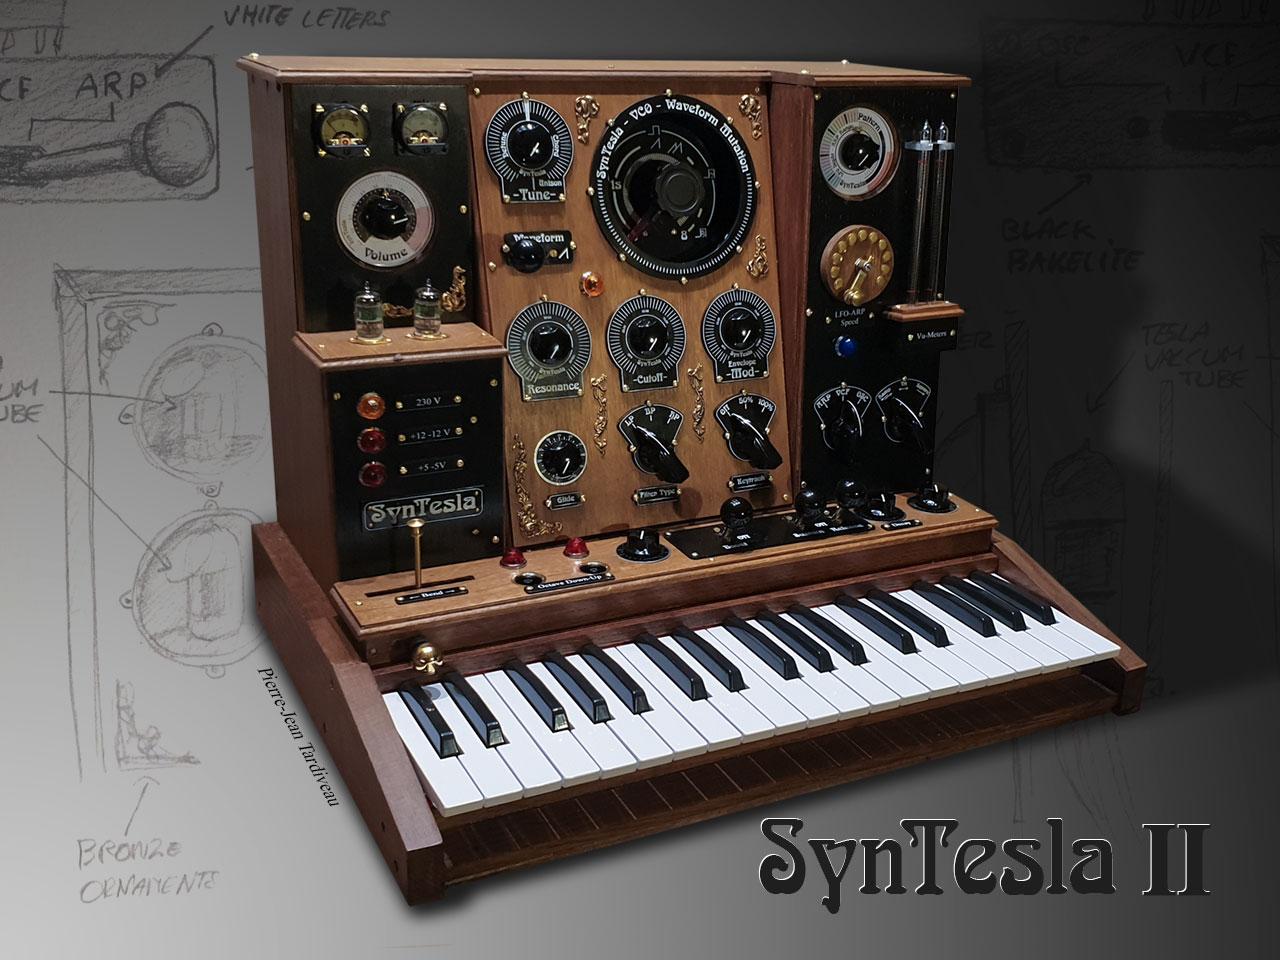 Syntesla-II